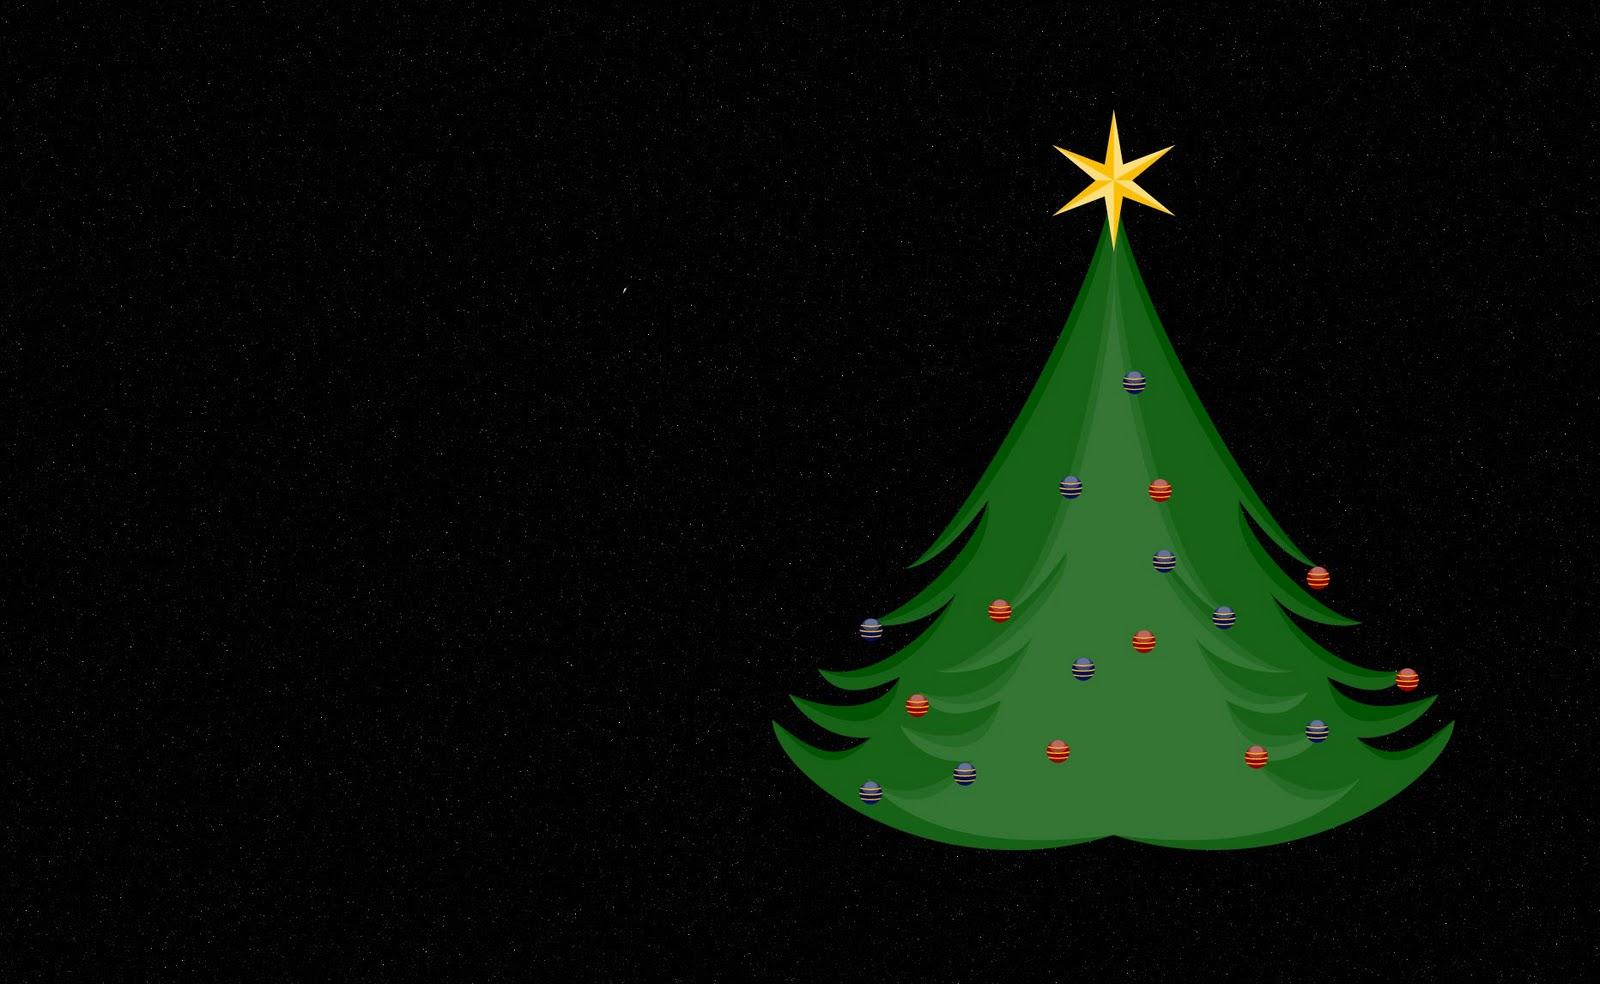 http://1.bp.blogspot.com/_Kpi0thIqeJI/TRHfkII1MqI/AAAAAAAAA1A/Y-arXr-4Sn8/s1600/Christmas+HD+Wallpapers+1920x1200+%252820%2529.jpg